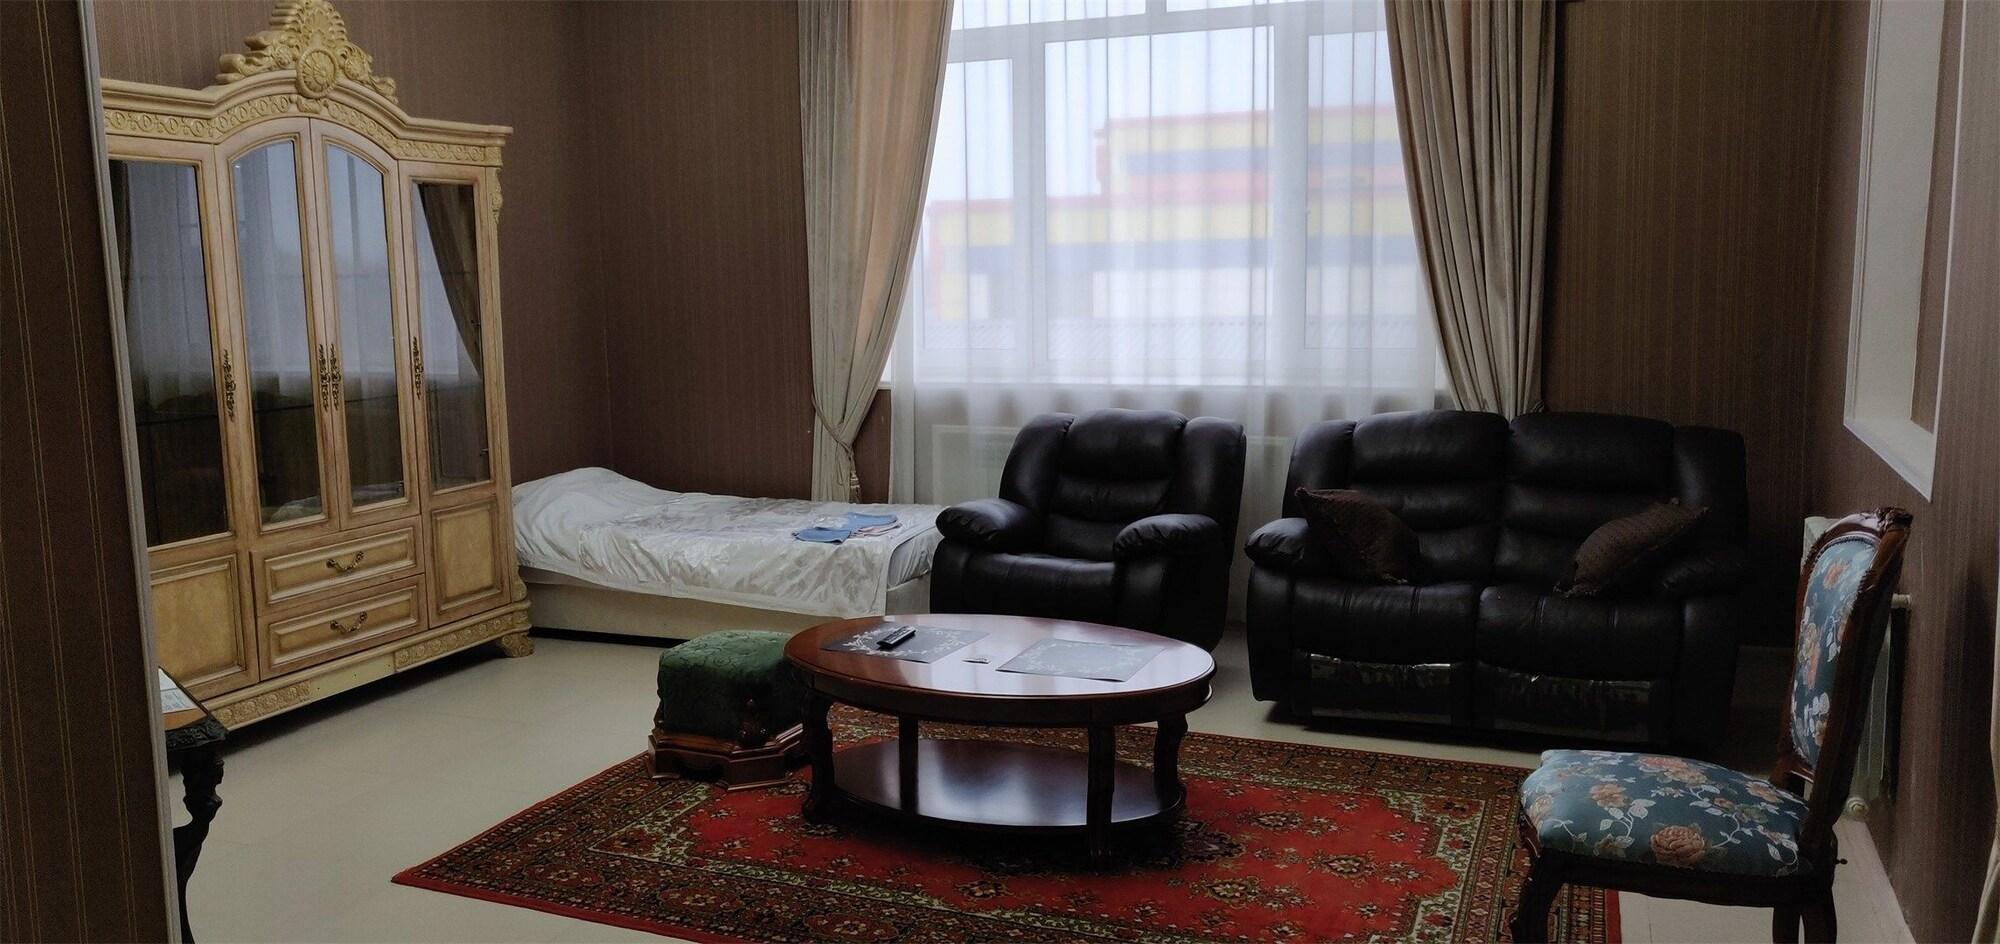 Hotel Parma, Groznyy